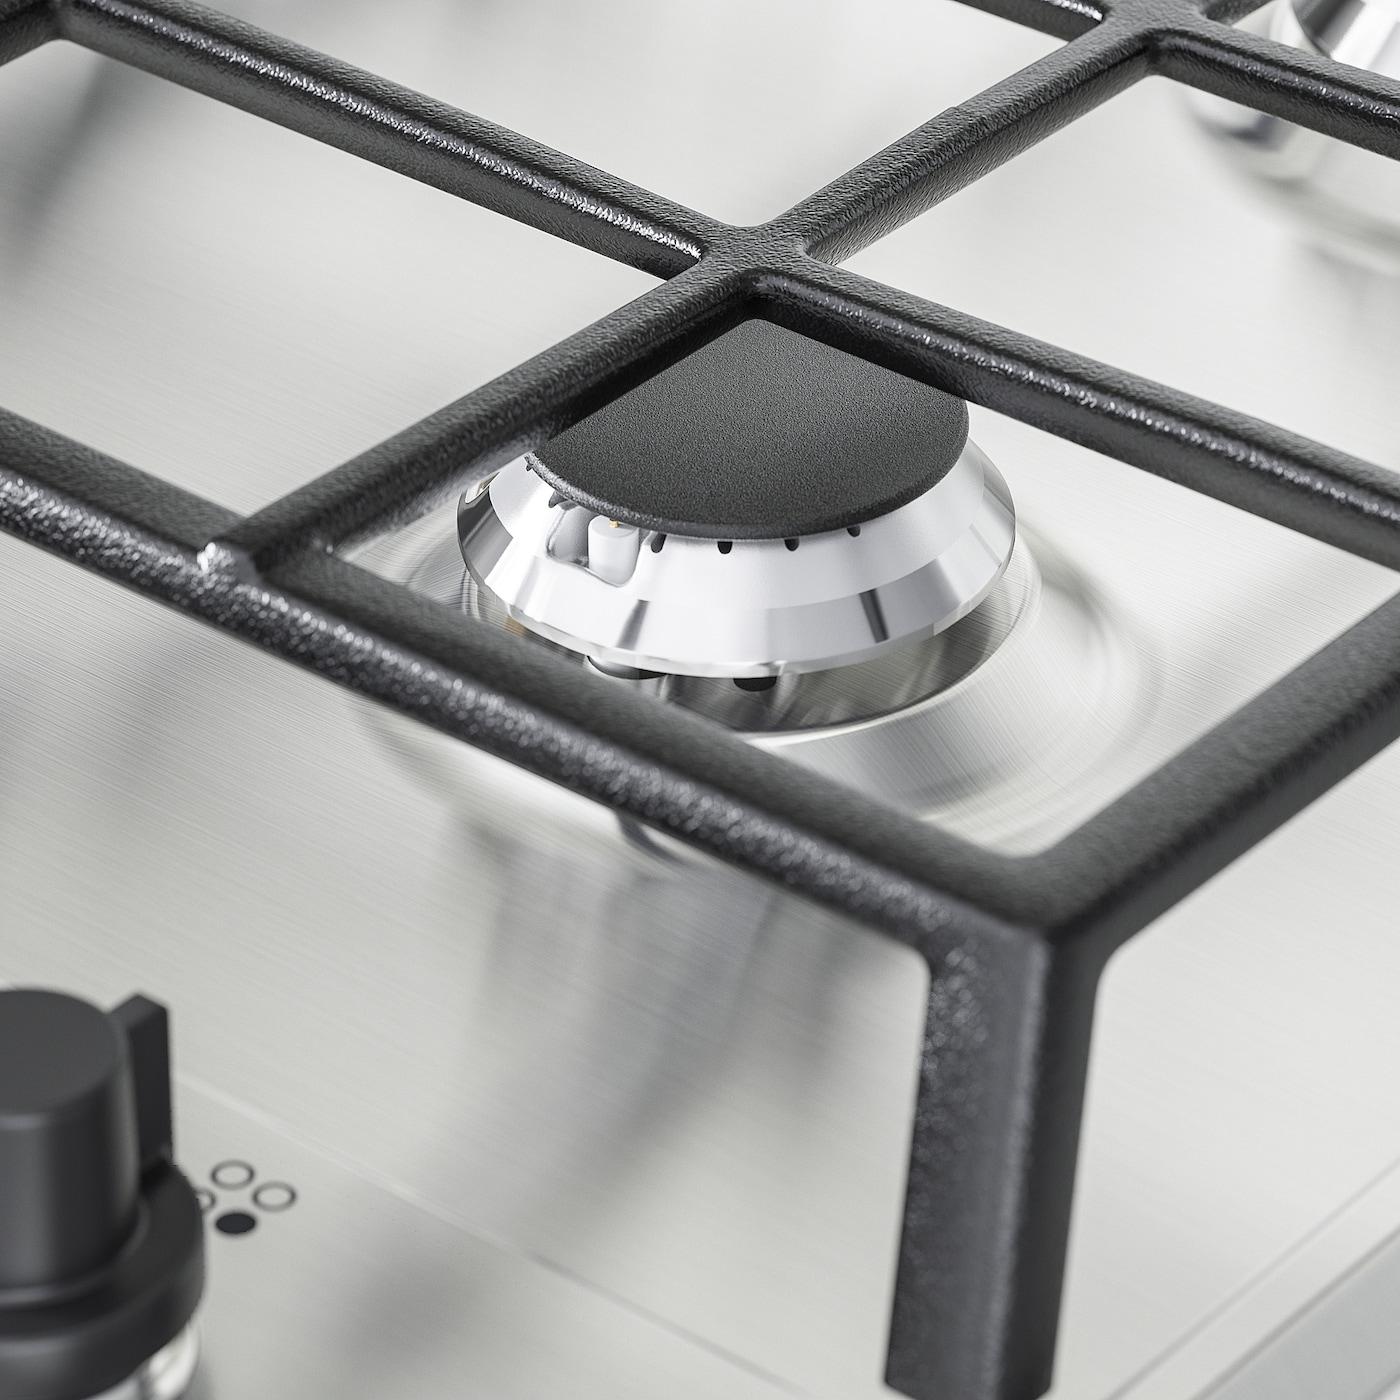 MATMÄSSIG Plynová varná deska, nerezavějící ocel, 60 cm